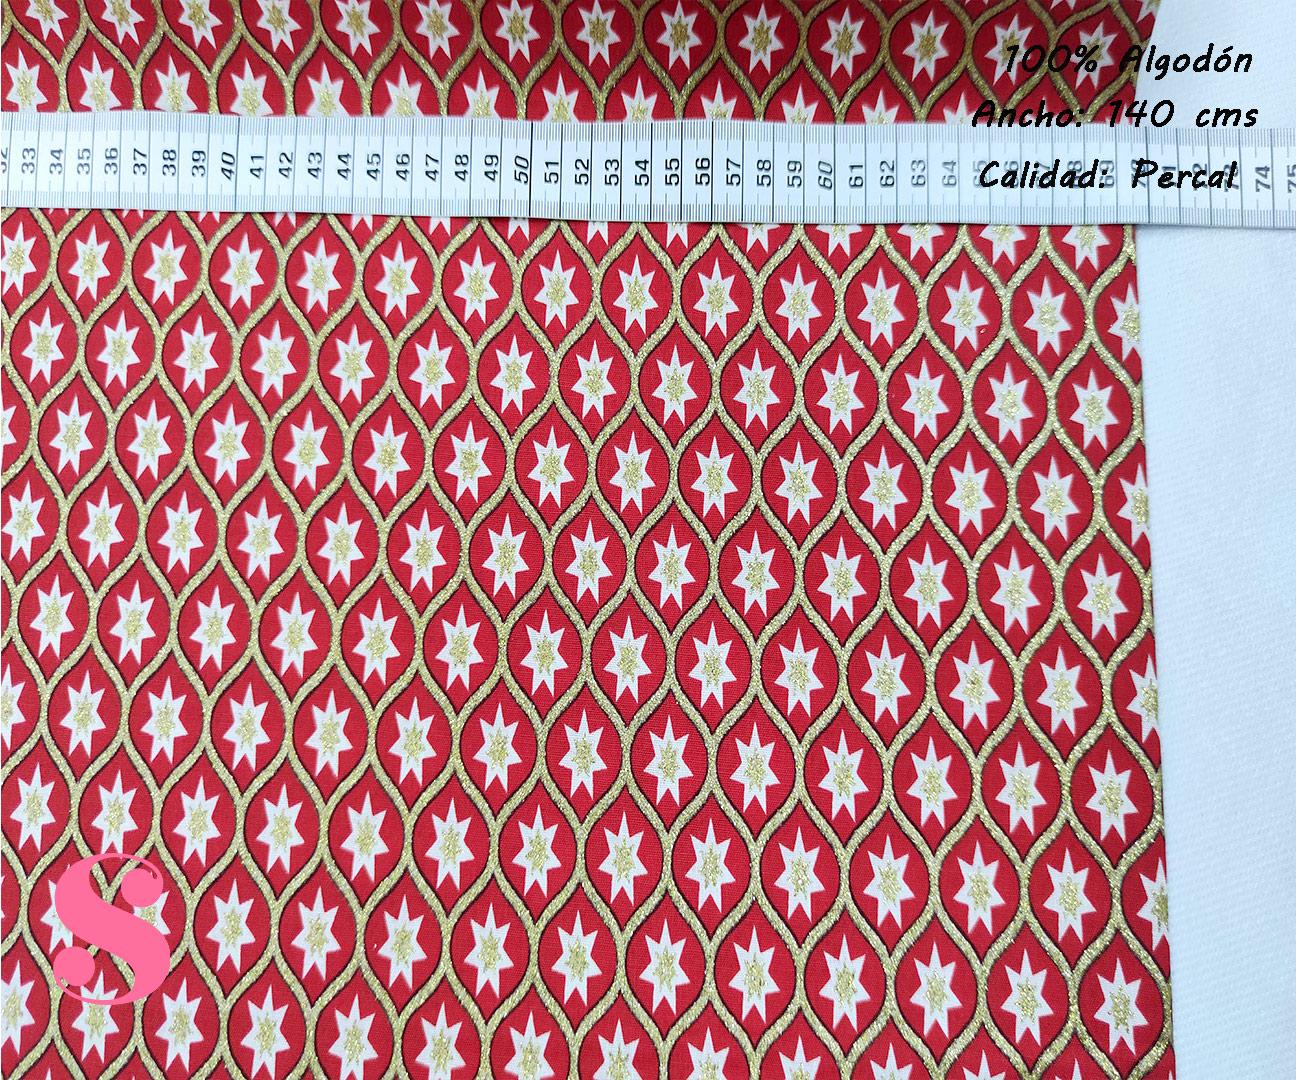 estrella-navidad-fondo-rojo-navidad-papa-noel-otoño-cenas-manteleria-decoracion-tejidos-algodón-estampado-percal,Tejido Estampado Motivos de Navidad Estrella fondo Rojo